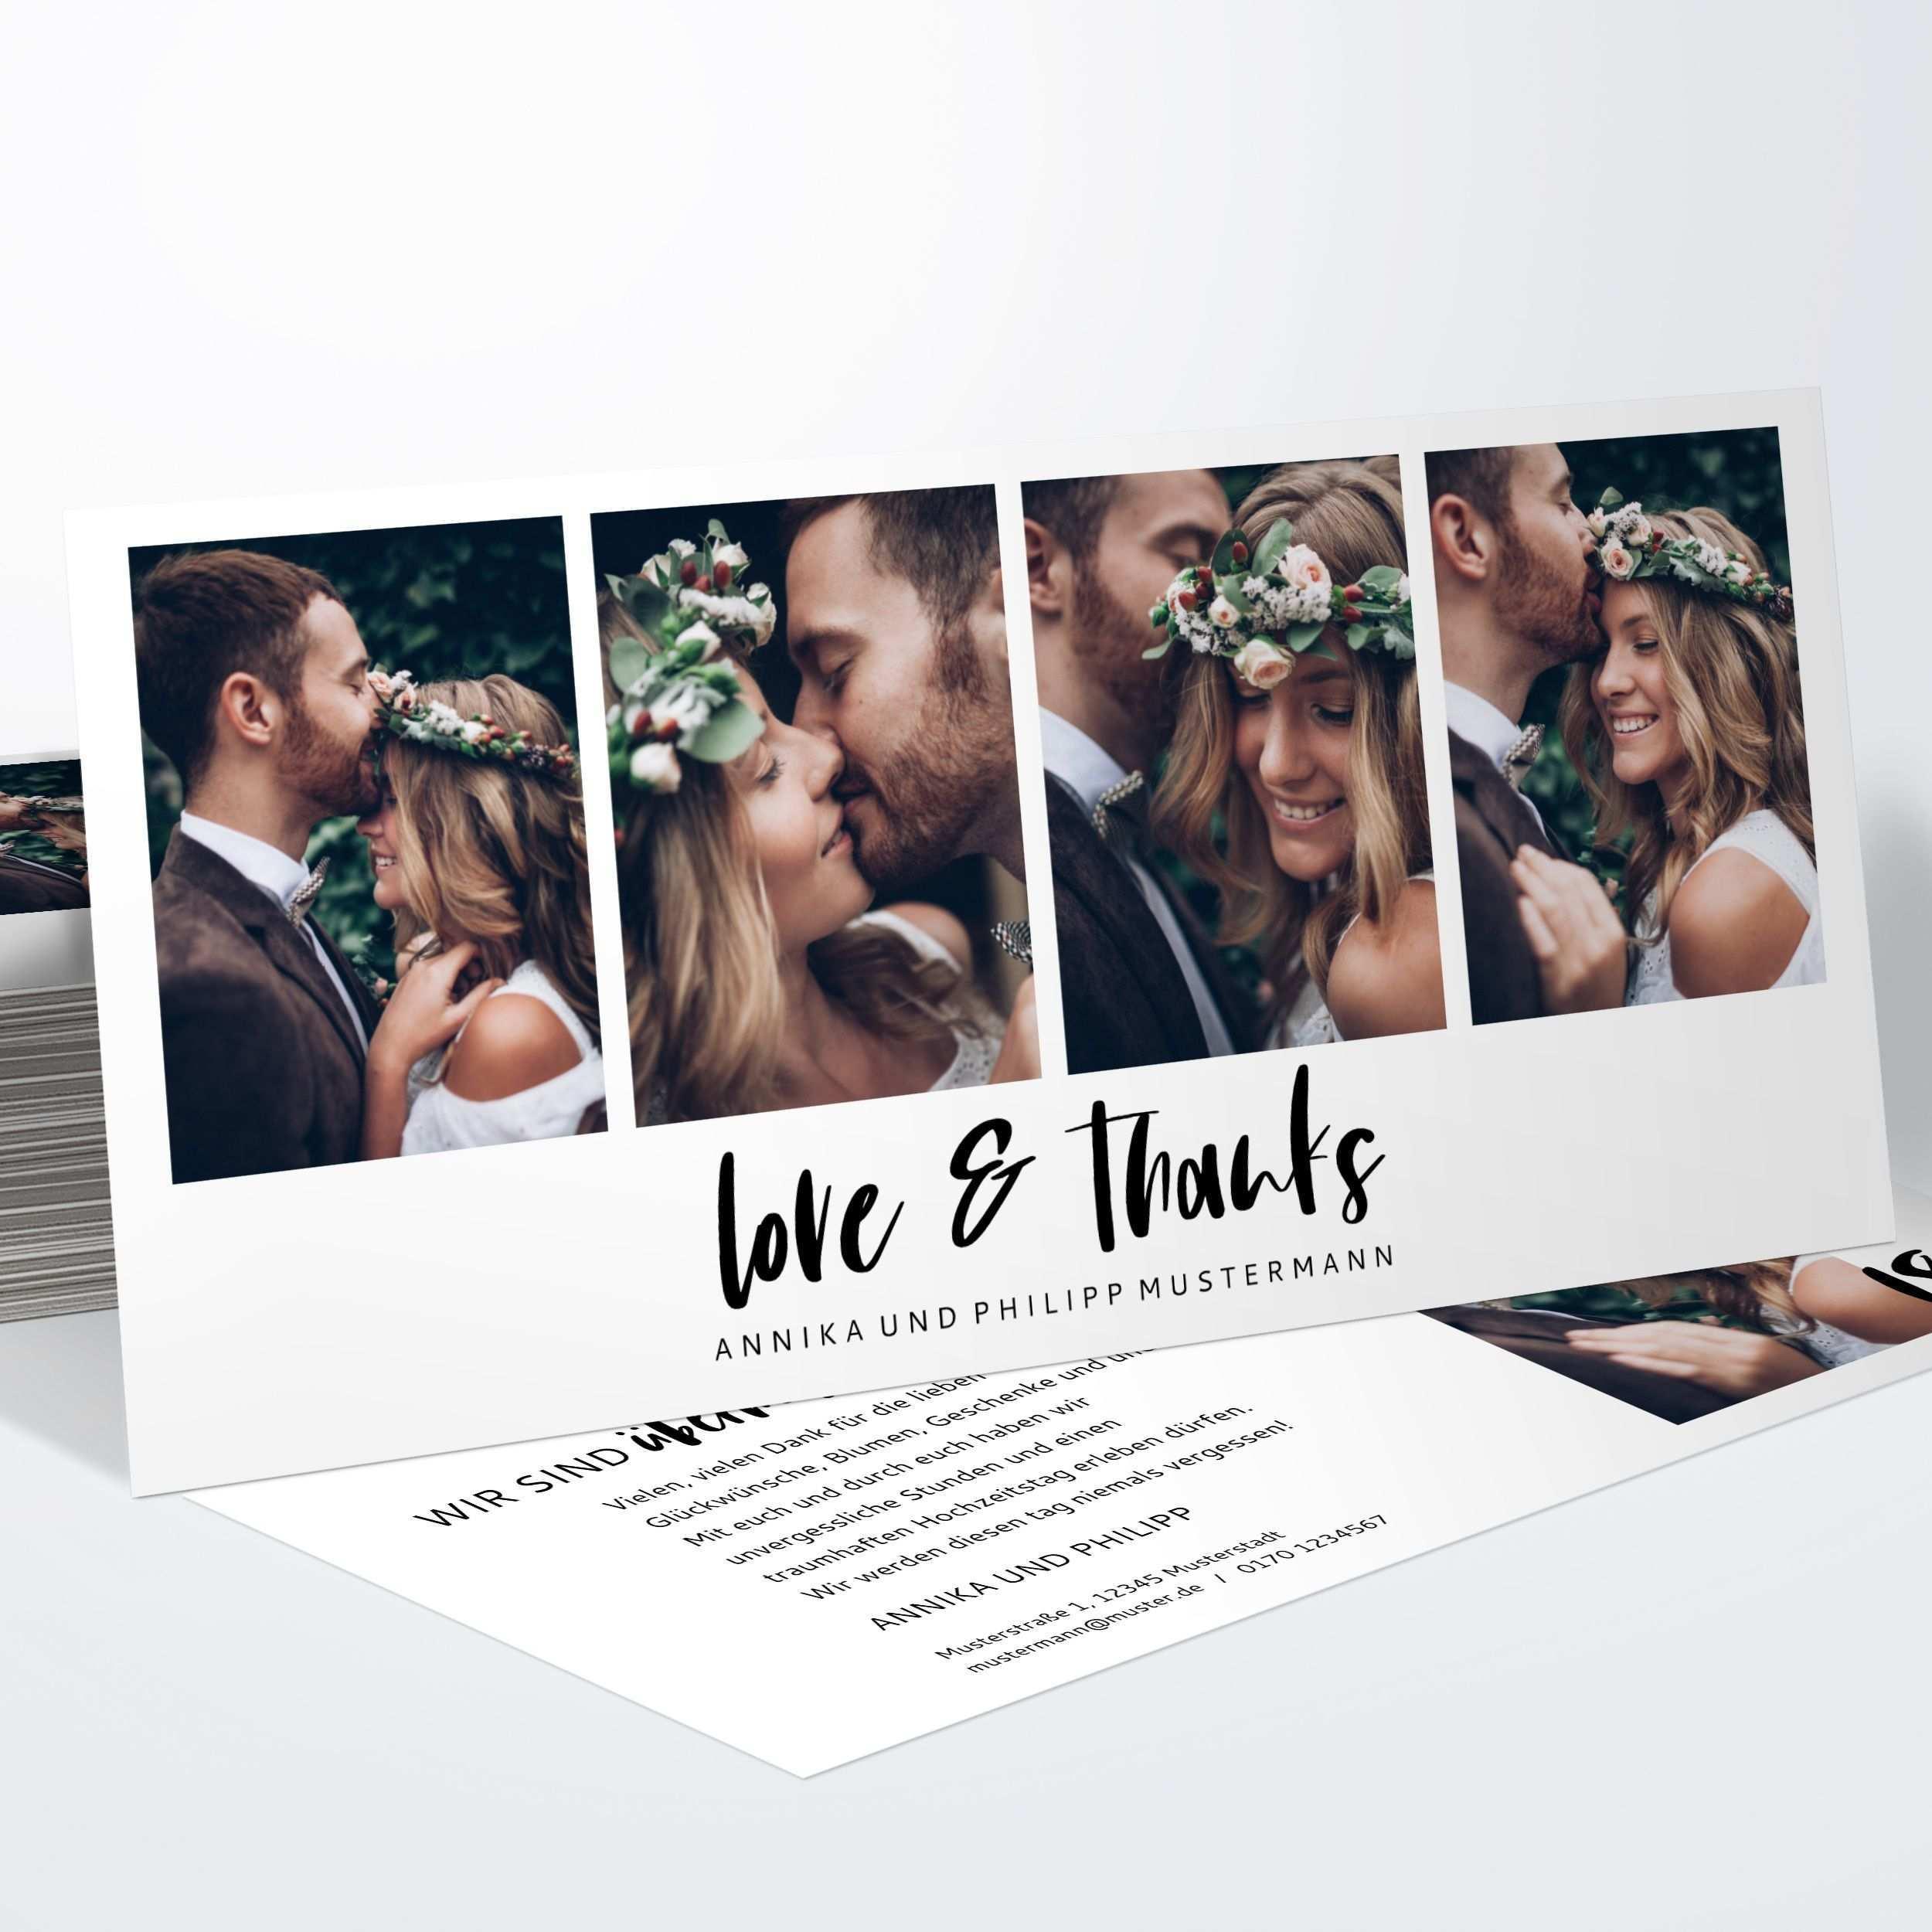 Ein Herzliches Dankeschon An Die Gaste Eurer Hochzeit Gelingt Euch Mit Den Wunderschonen Danksagungskarten Hochzeit Dankes Karten Hochzeit Dankeskarte Hochzeit